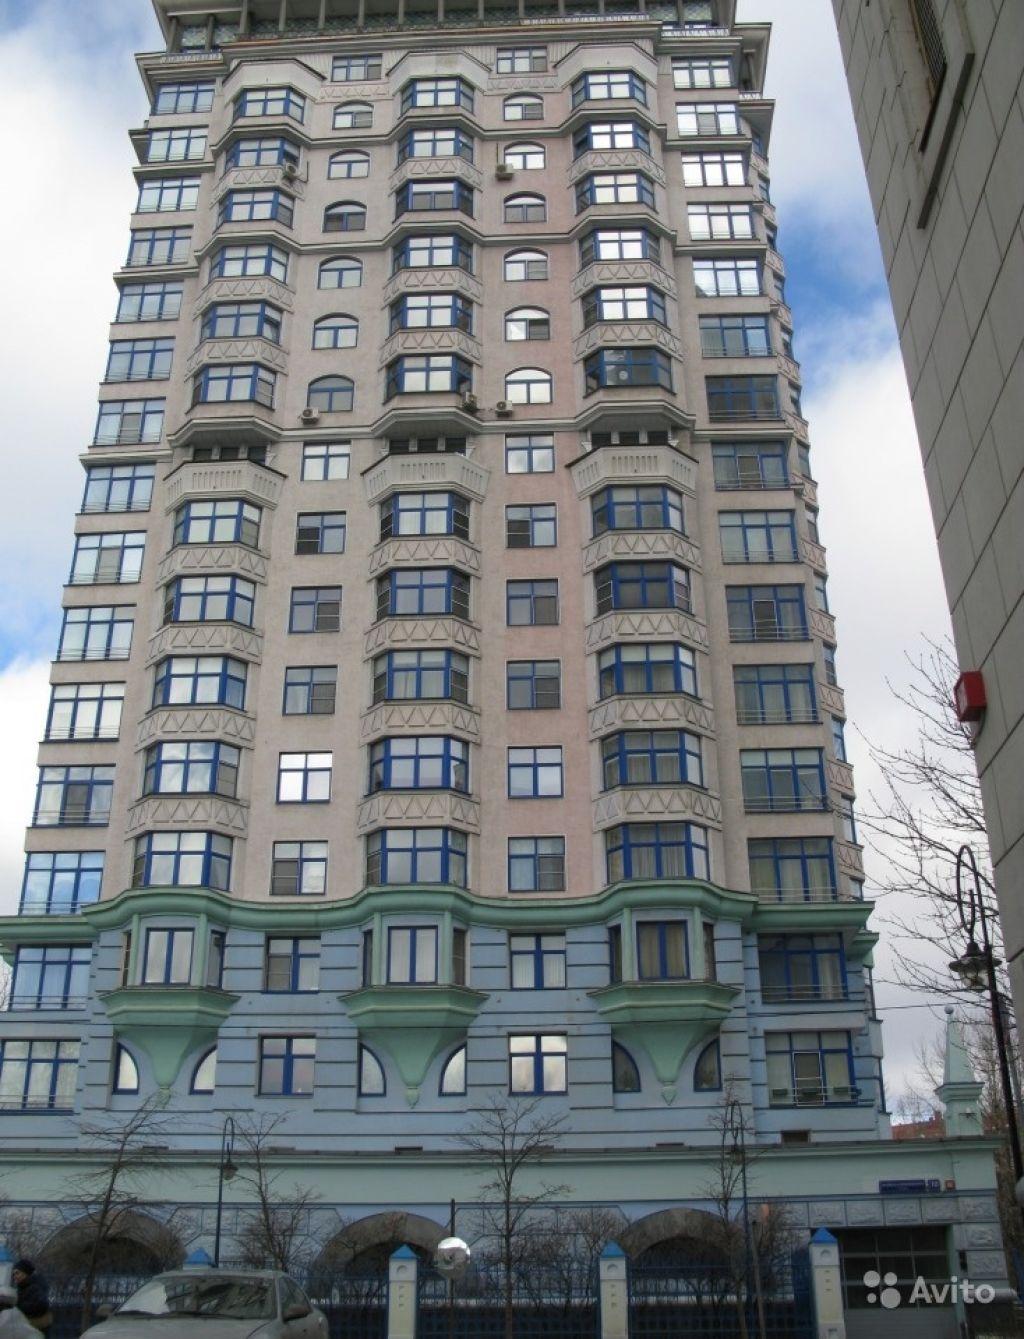 Сдам квартиру 3-к квартира 133 м² на 5 этаже 20-этажного монолитного дома в Москве. Фото 1